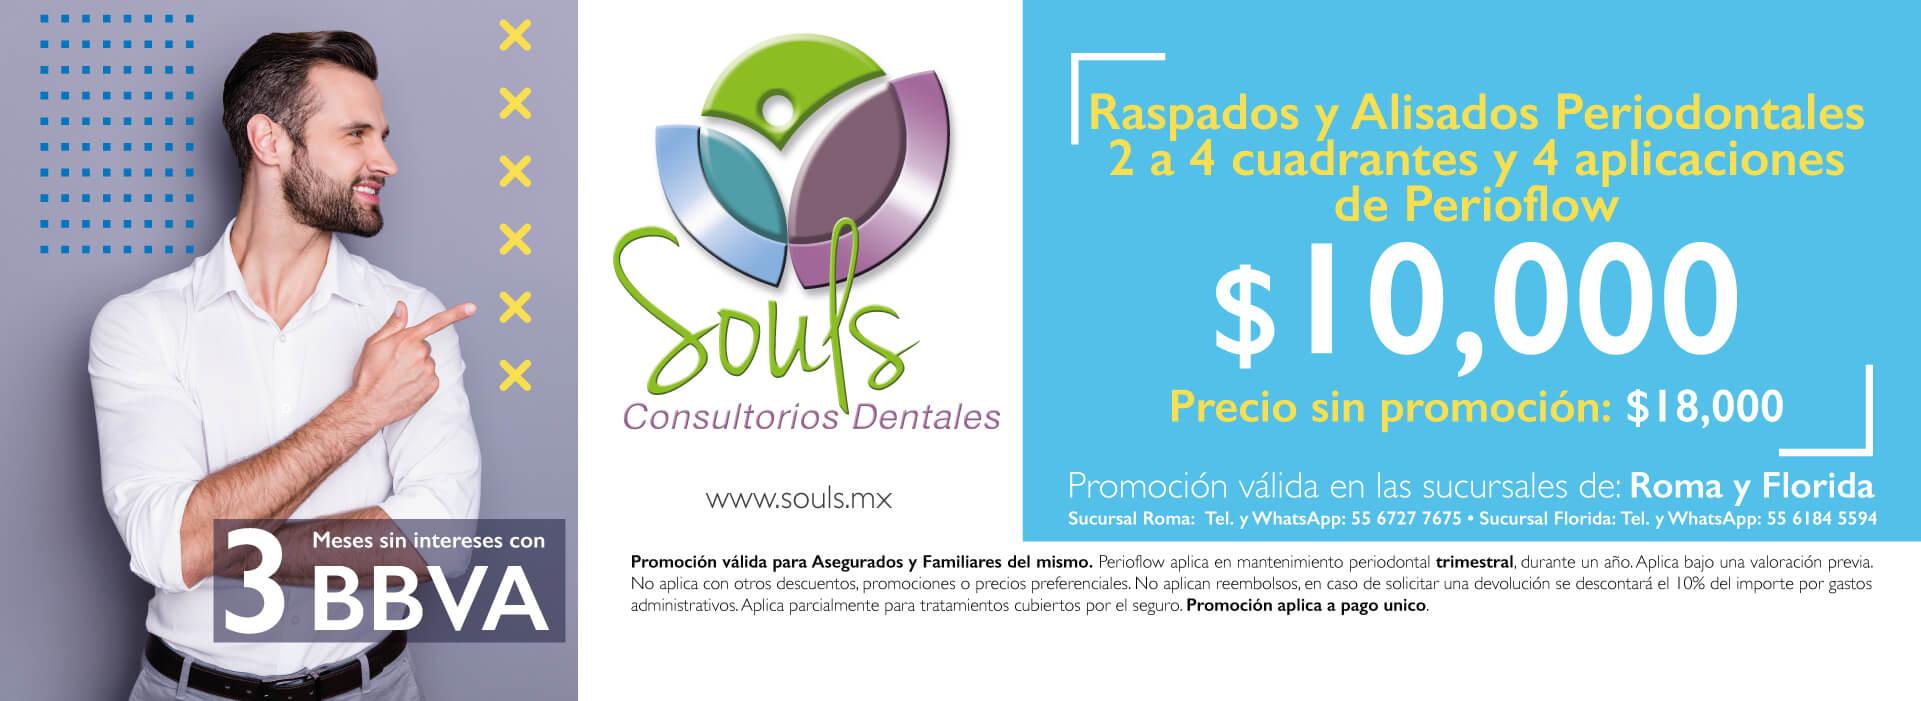 Raspados y alisados periodontales 2 a 4 cuadrantes y 4 aplicaciones de perioflow - Souls Consultorios Dentales